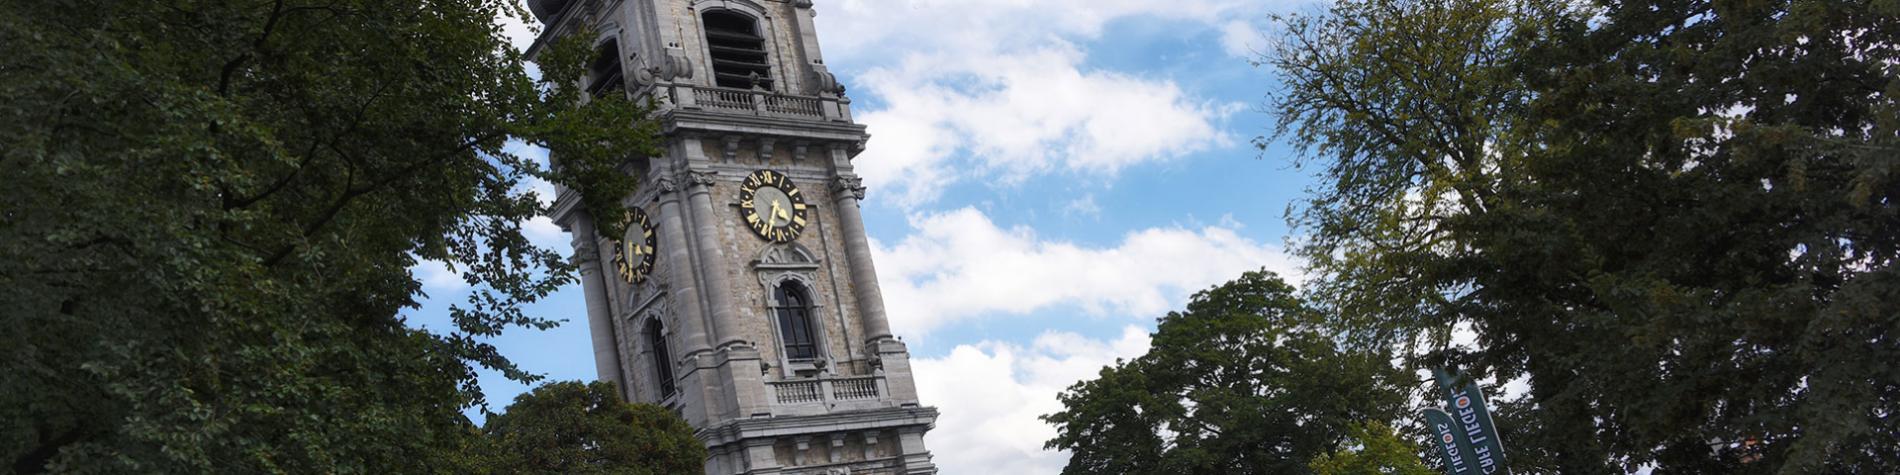 Beffroi de Mons - monument baroque - ascenseur panoramique - carillonneurs